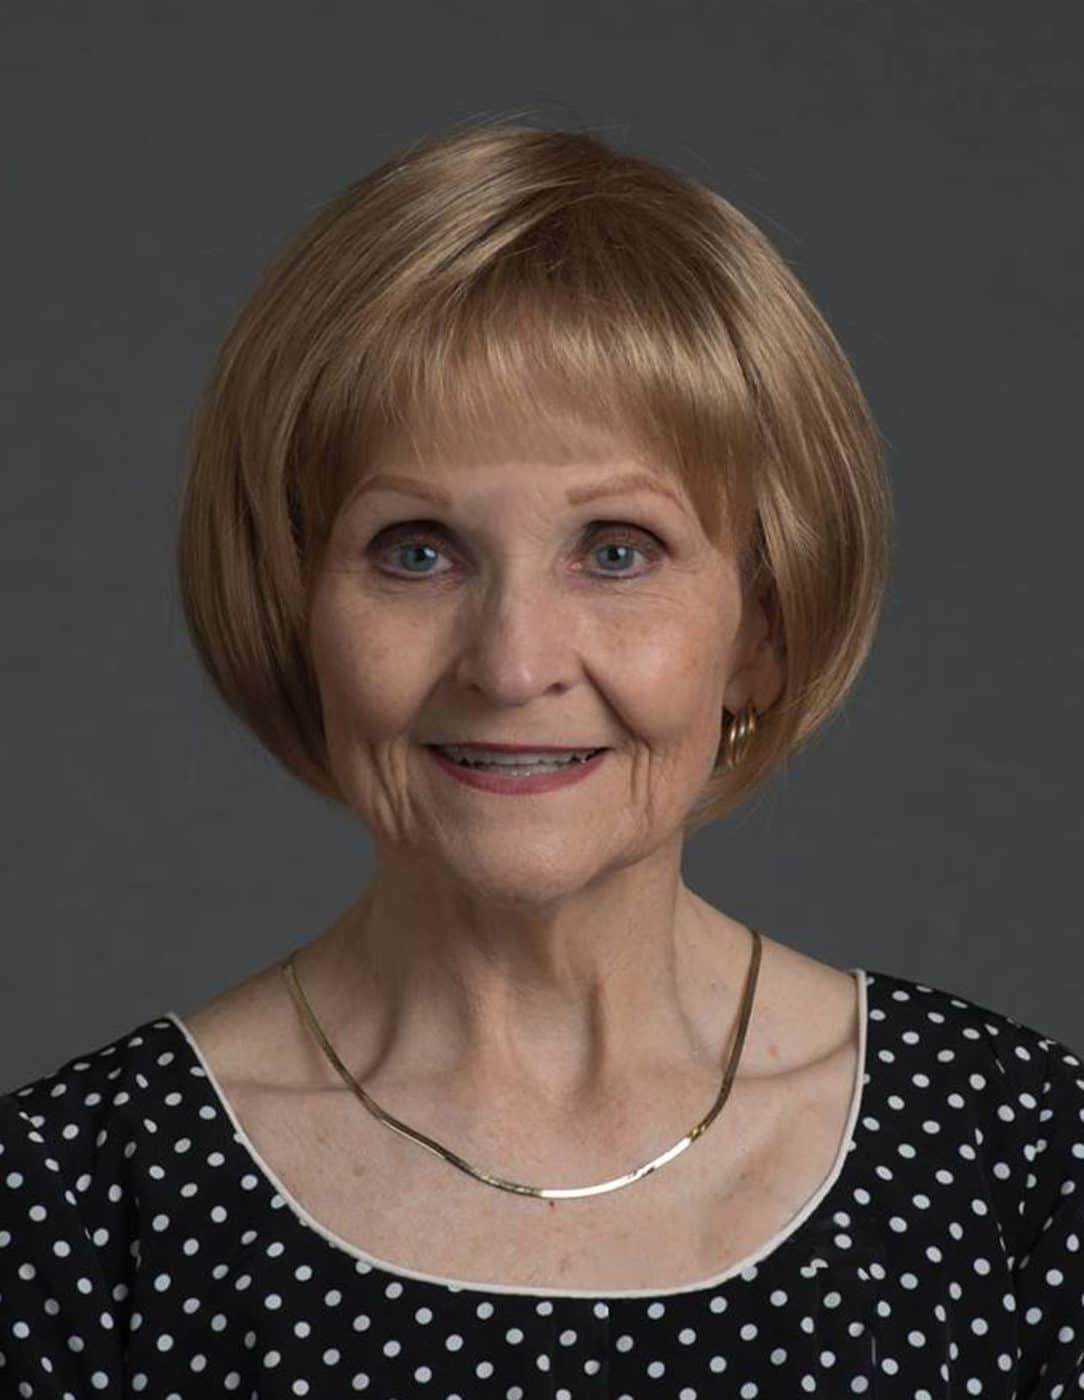 Kate Kunk